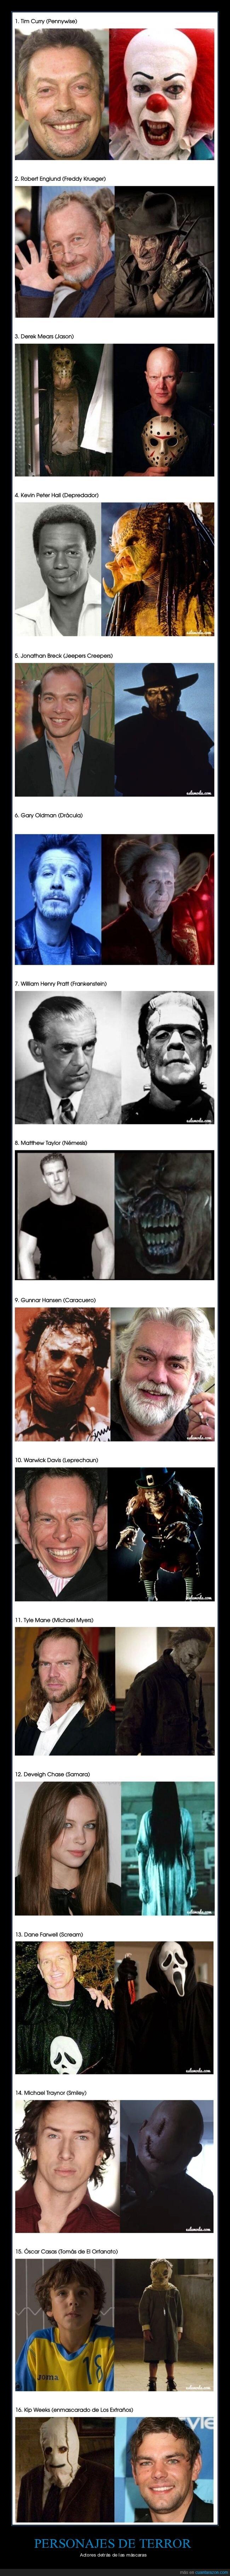 actores,cine,personajes,terror